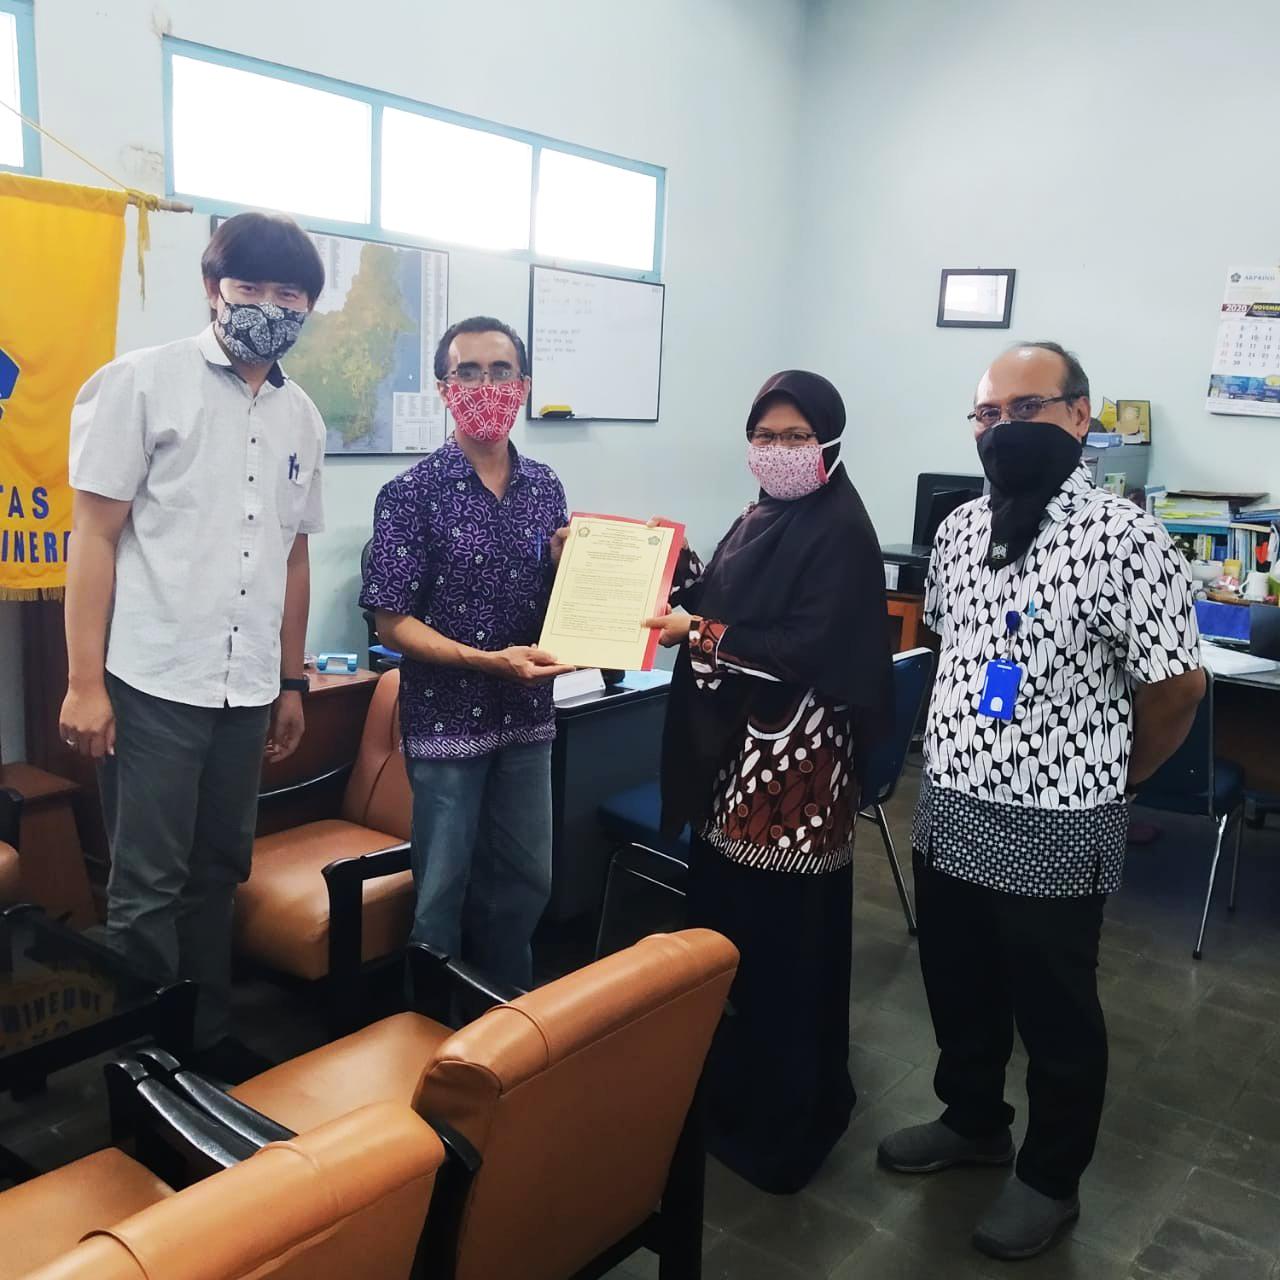 Bapak Dr. Ir. Setyo Pambudi, M.T. (Dekan FTM ITNY) bersama dengan Ibu Dr. Sri Mulyaningsi, S.T., M.T (Dekan FTM ISTA)